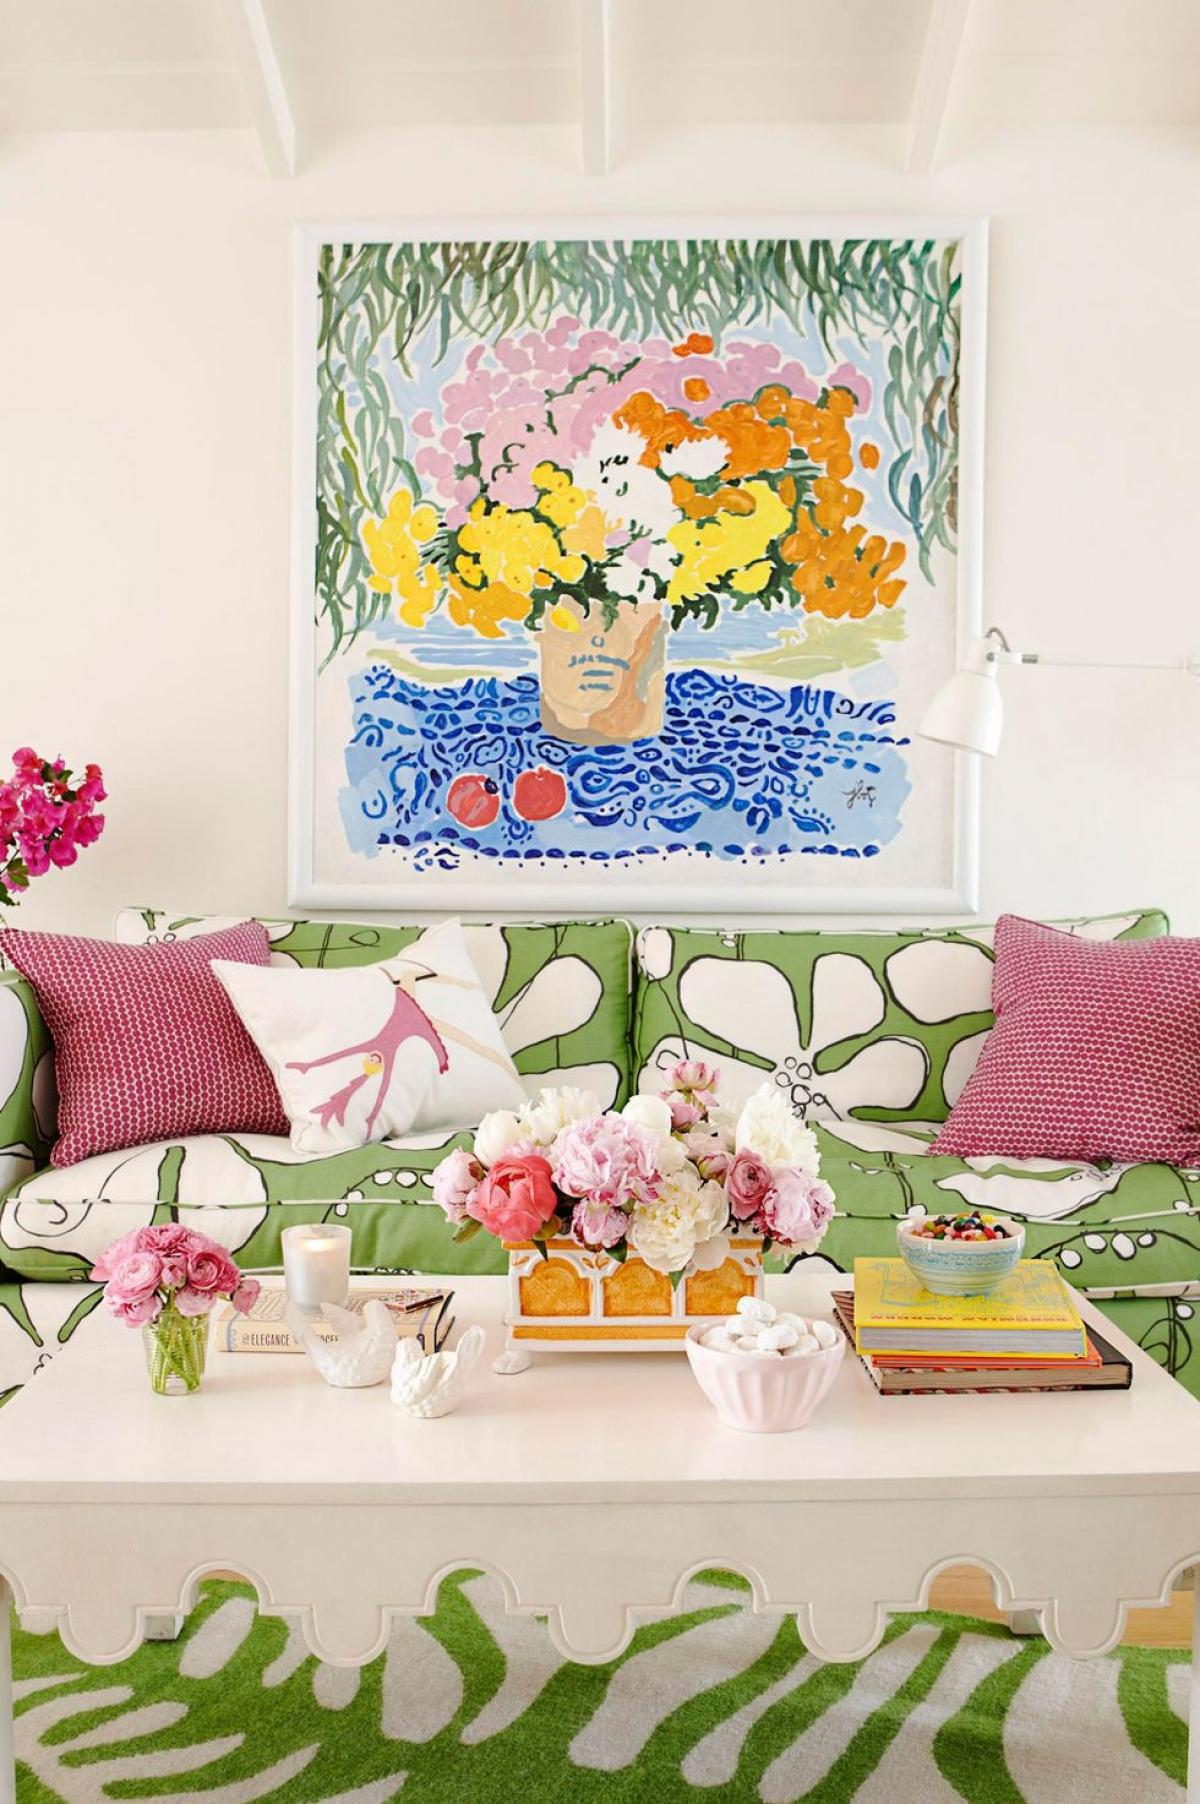 Hoạ tiết hoa: Ngôi nhà gỗ ở bãi biển California này cho thấy màu sắc tràn đầy sinh lực của hoa lá khiến căn phòng trở nên vui tươi trong ánh nắng hè hơn bao giờ hết.